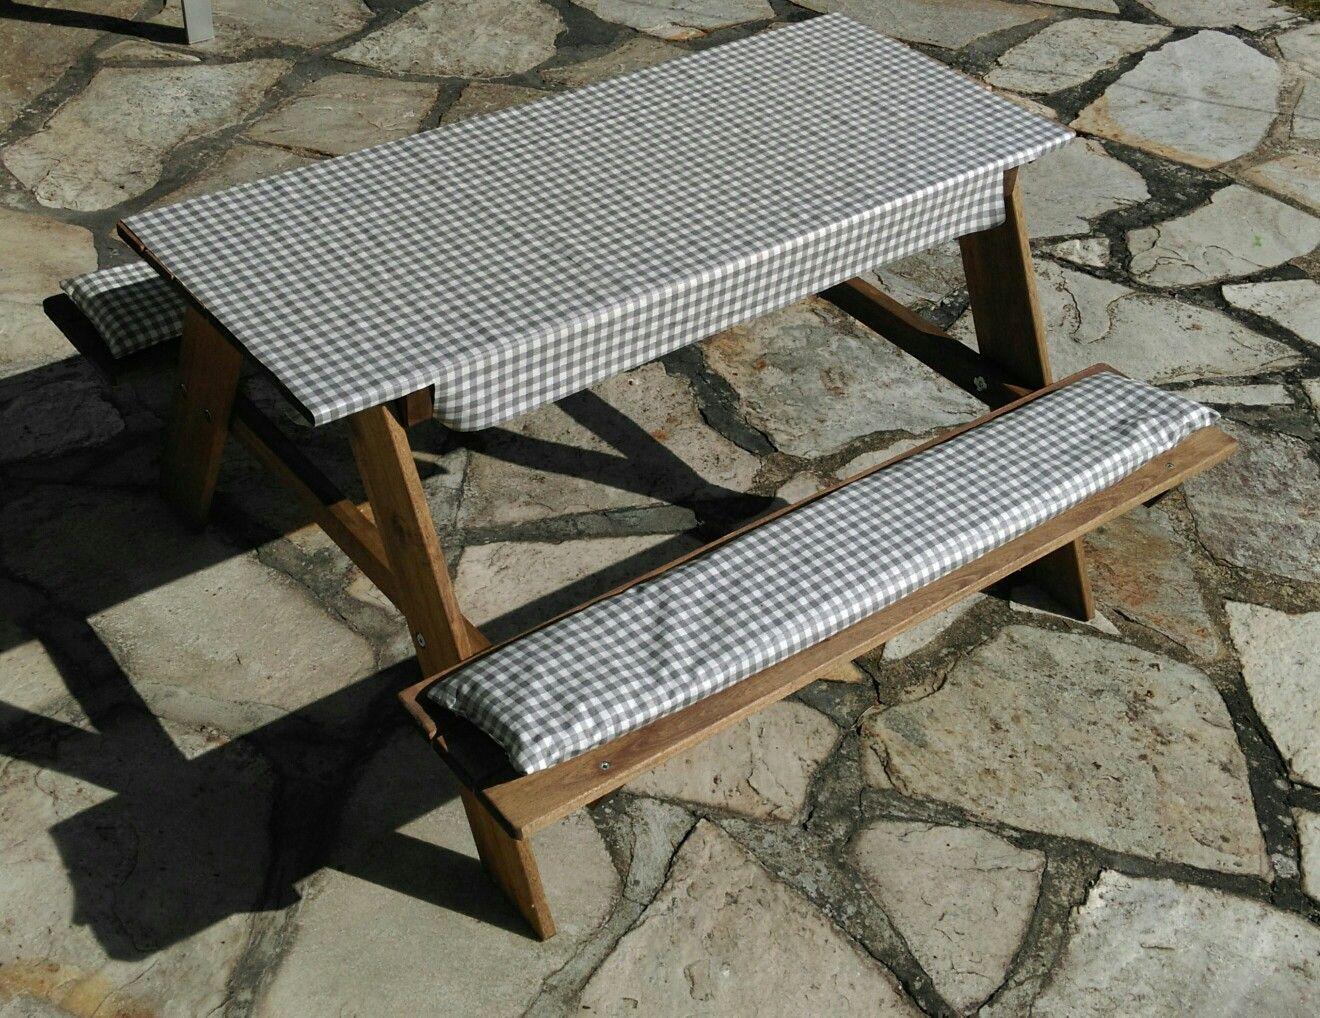 Ikea Kindersitzgruppe Fur Den Garten Tischdecke Und Sitzpolster Aus Wachstuch Auch Ikea Genaht Und Mit Klettpunkten An Den Kindersitzgruppe Tischdecke Tisch